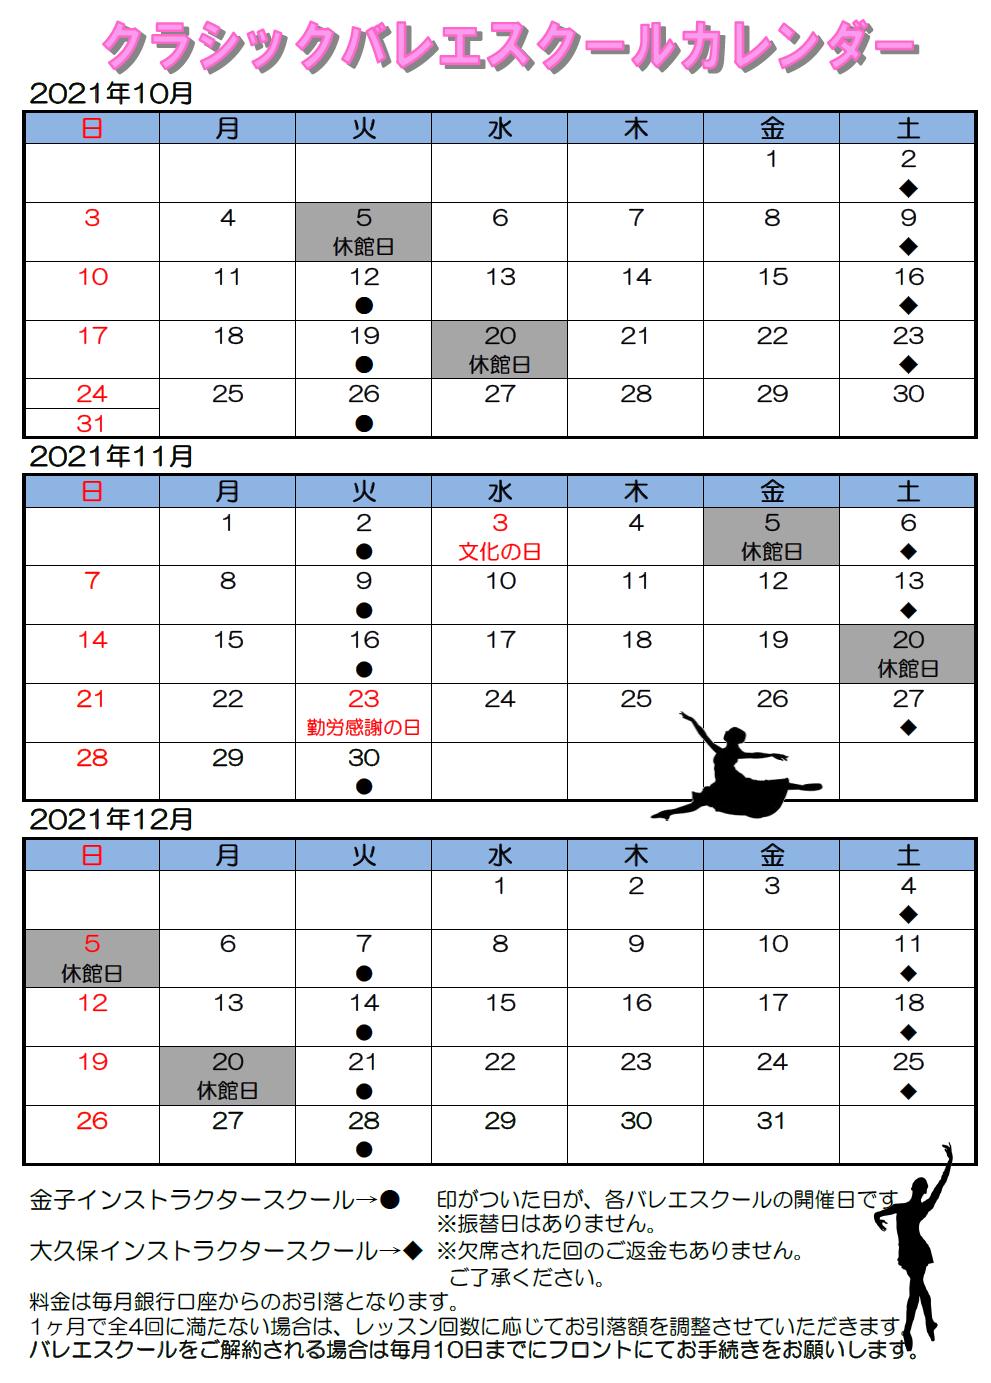 10月〜12月 バレエスクールスケジュール